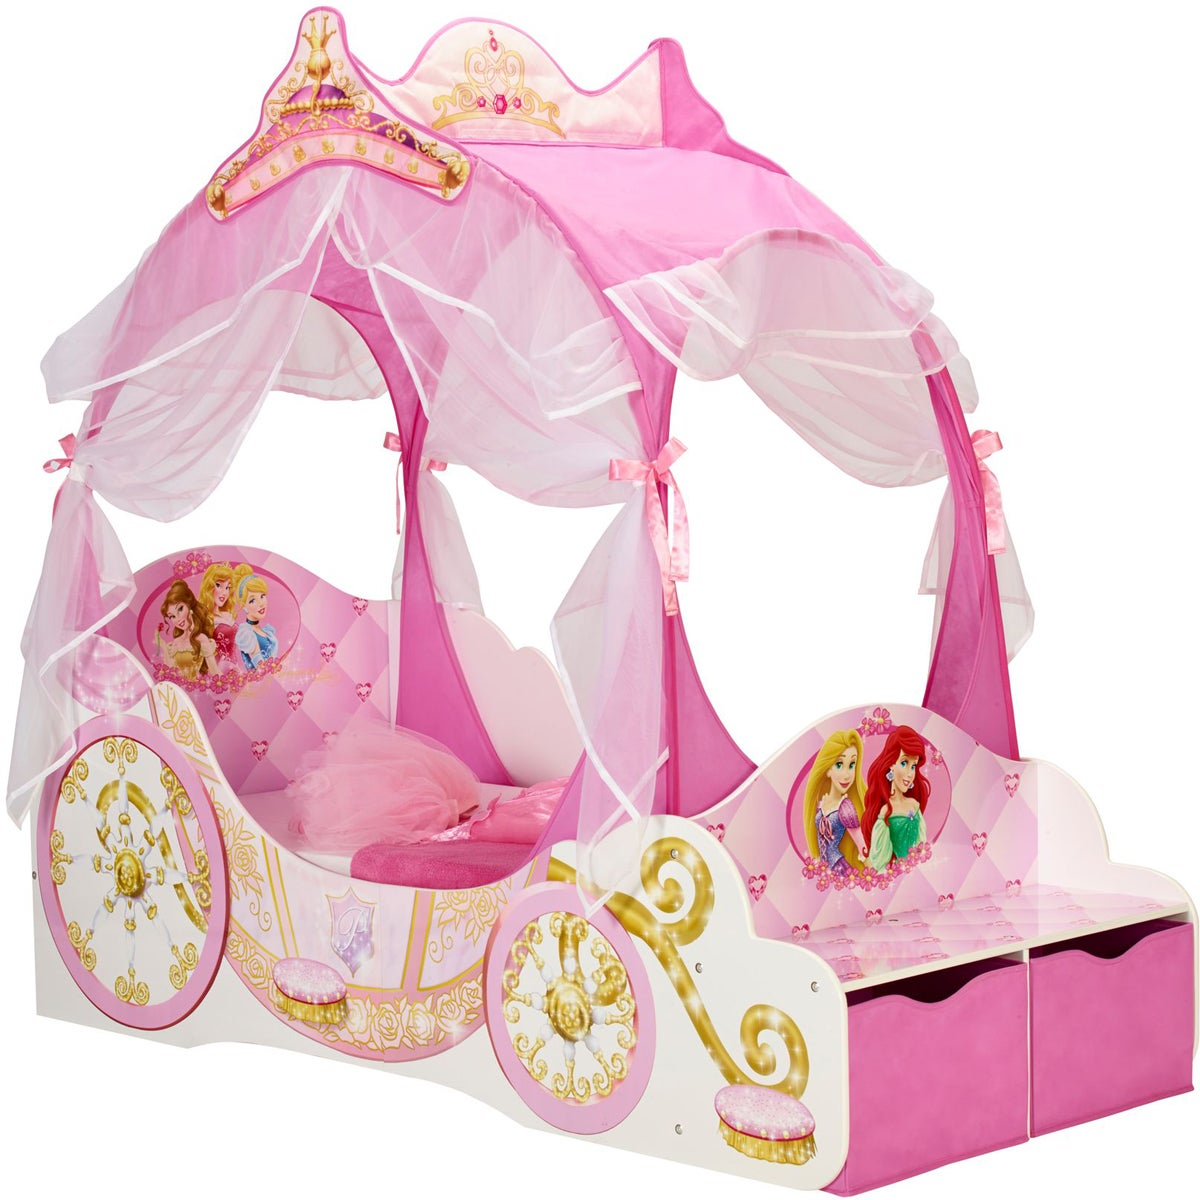 Disney Princess Juniorsäng med Förvaring 70x140